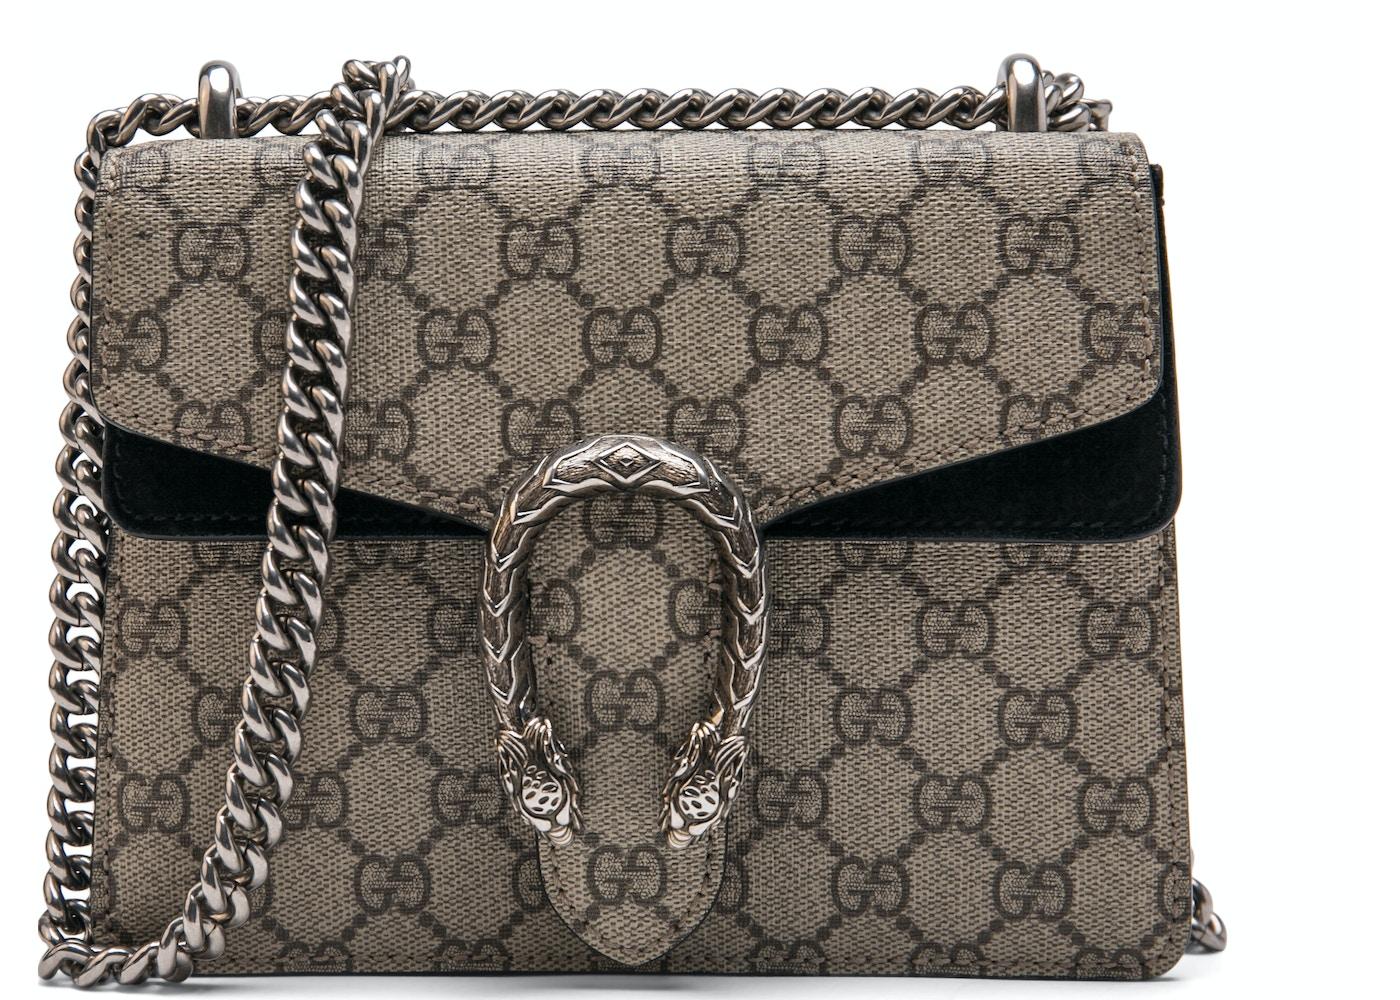 59b3de164264 Gucci Dionysus Shoulder GG Supreme Mini Brown/Black. GG Supreme Mini  Brown/Black